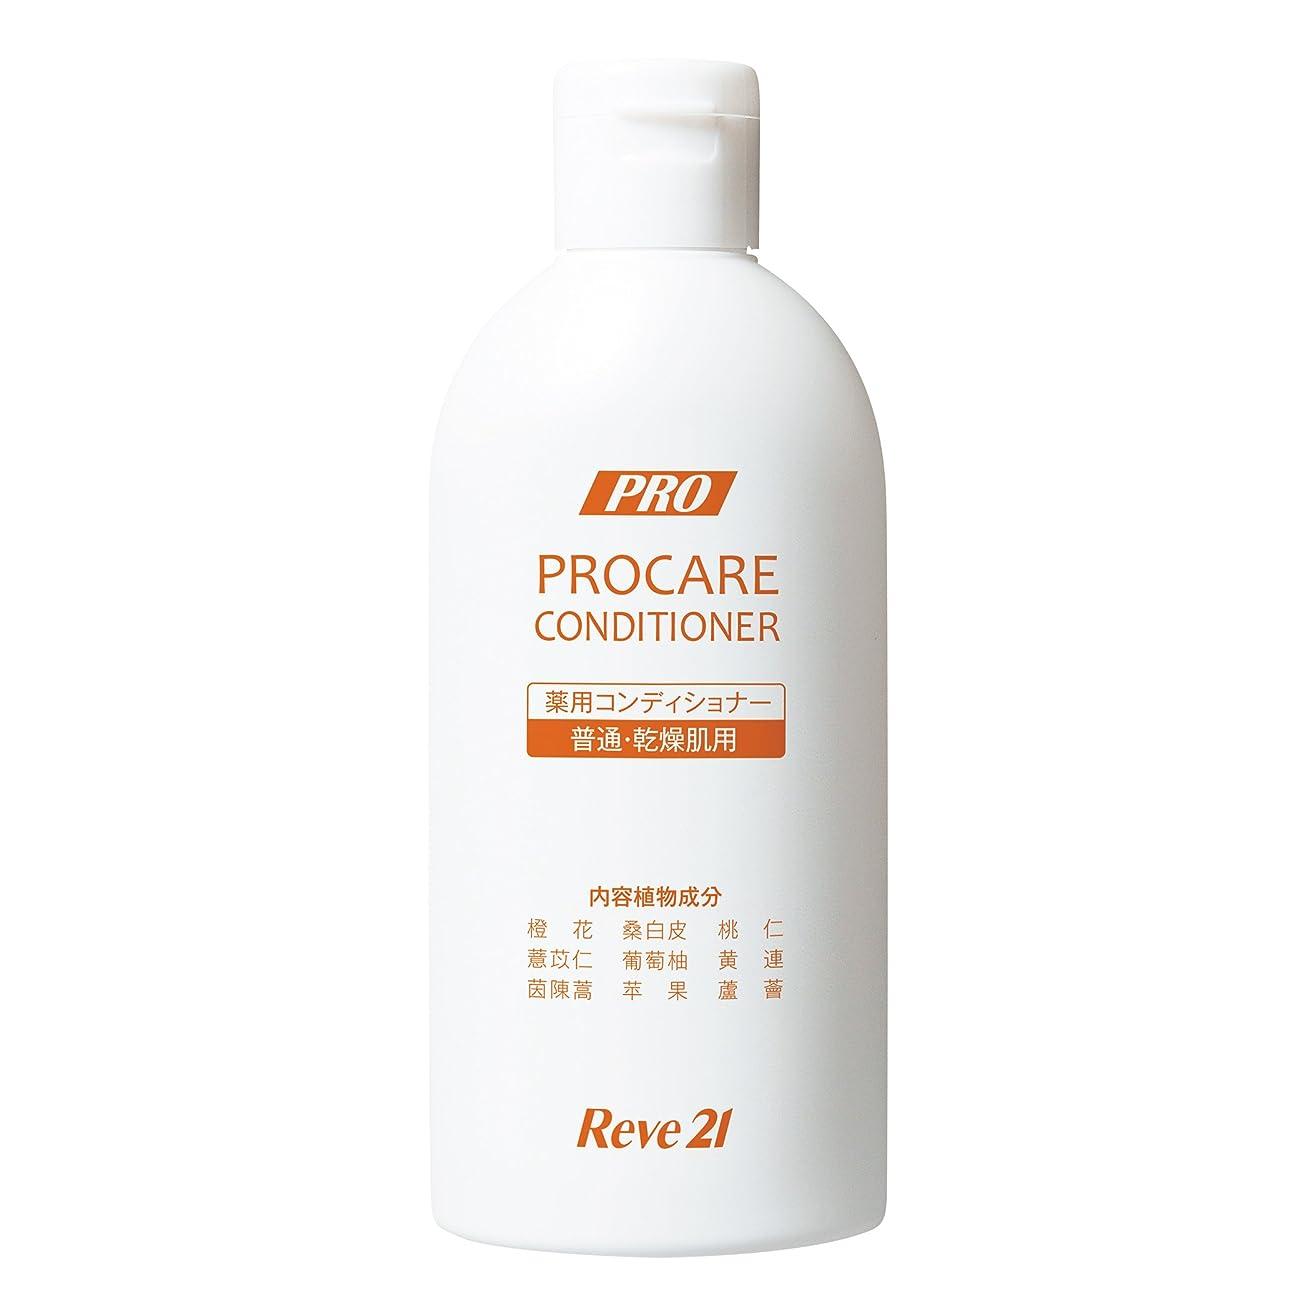 冷蔵するマイクシリング発毛専門リーブ21 [医薬部外品] 薬用プロケアコンディショナーW 《普通?乾燥肌用》 (200ml)